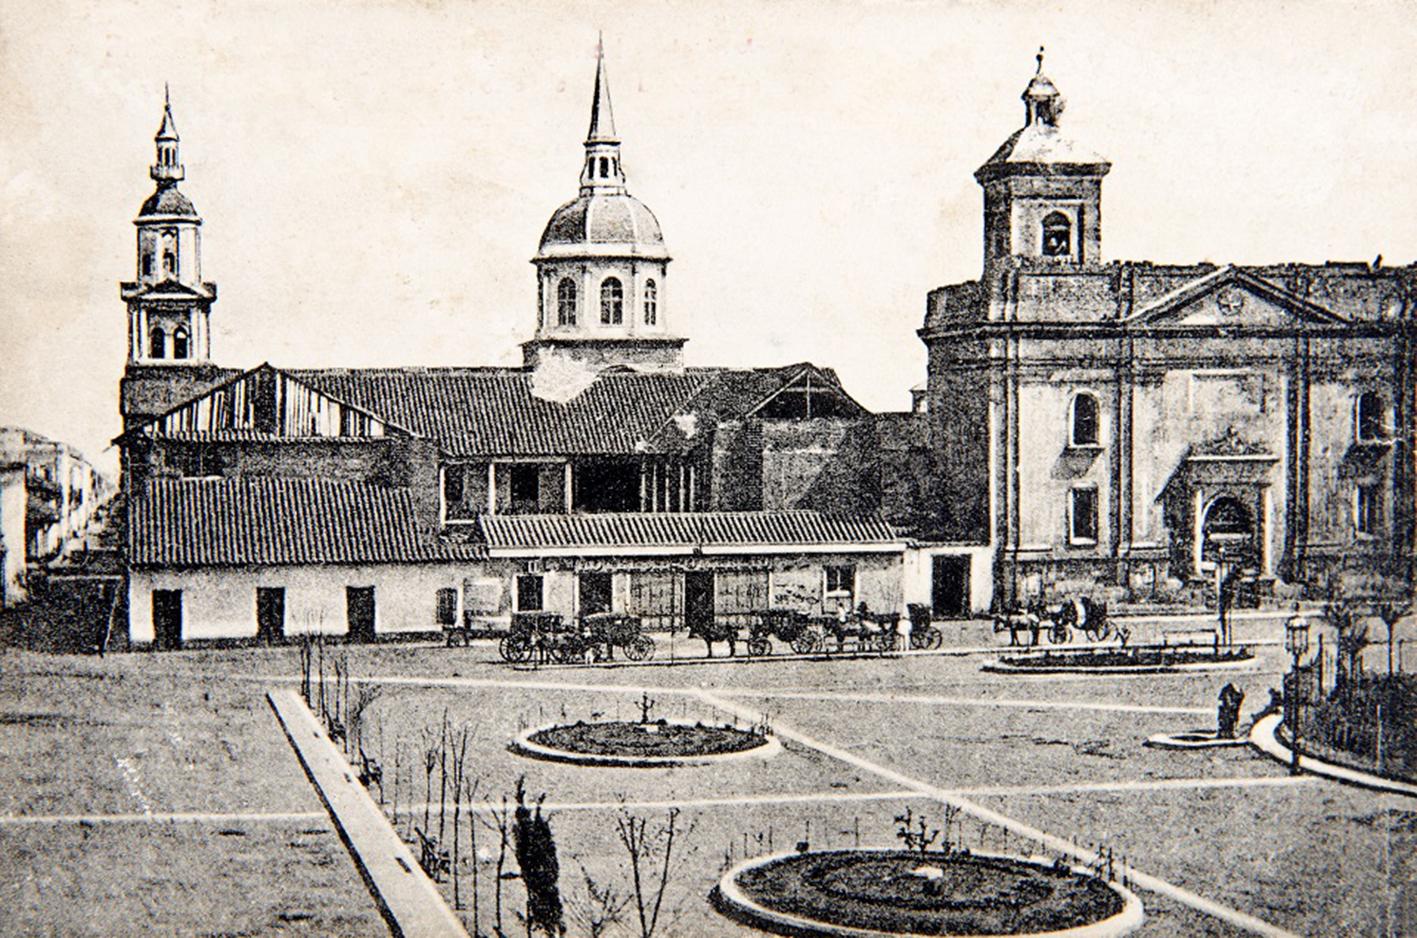 Enterreno - Fotos históricas de chile - fotos antiguas de Chile - Plaza de Armas, vista de las torres de la Compañía, 1860